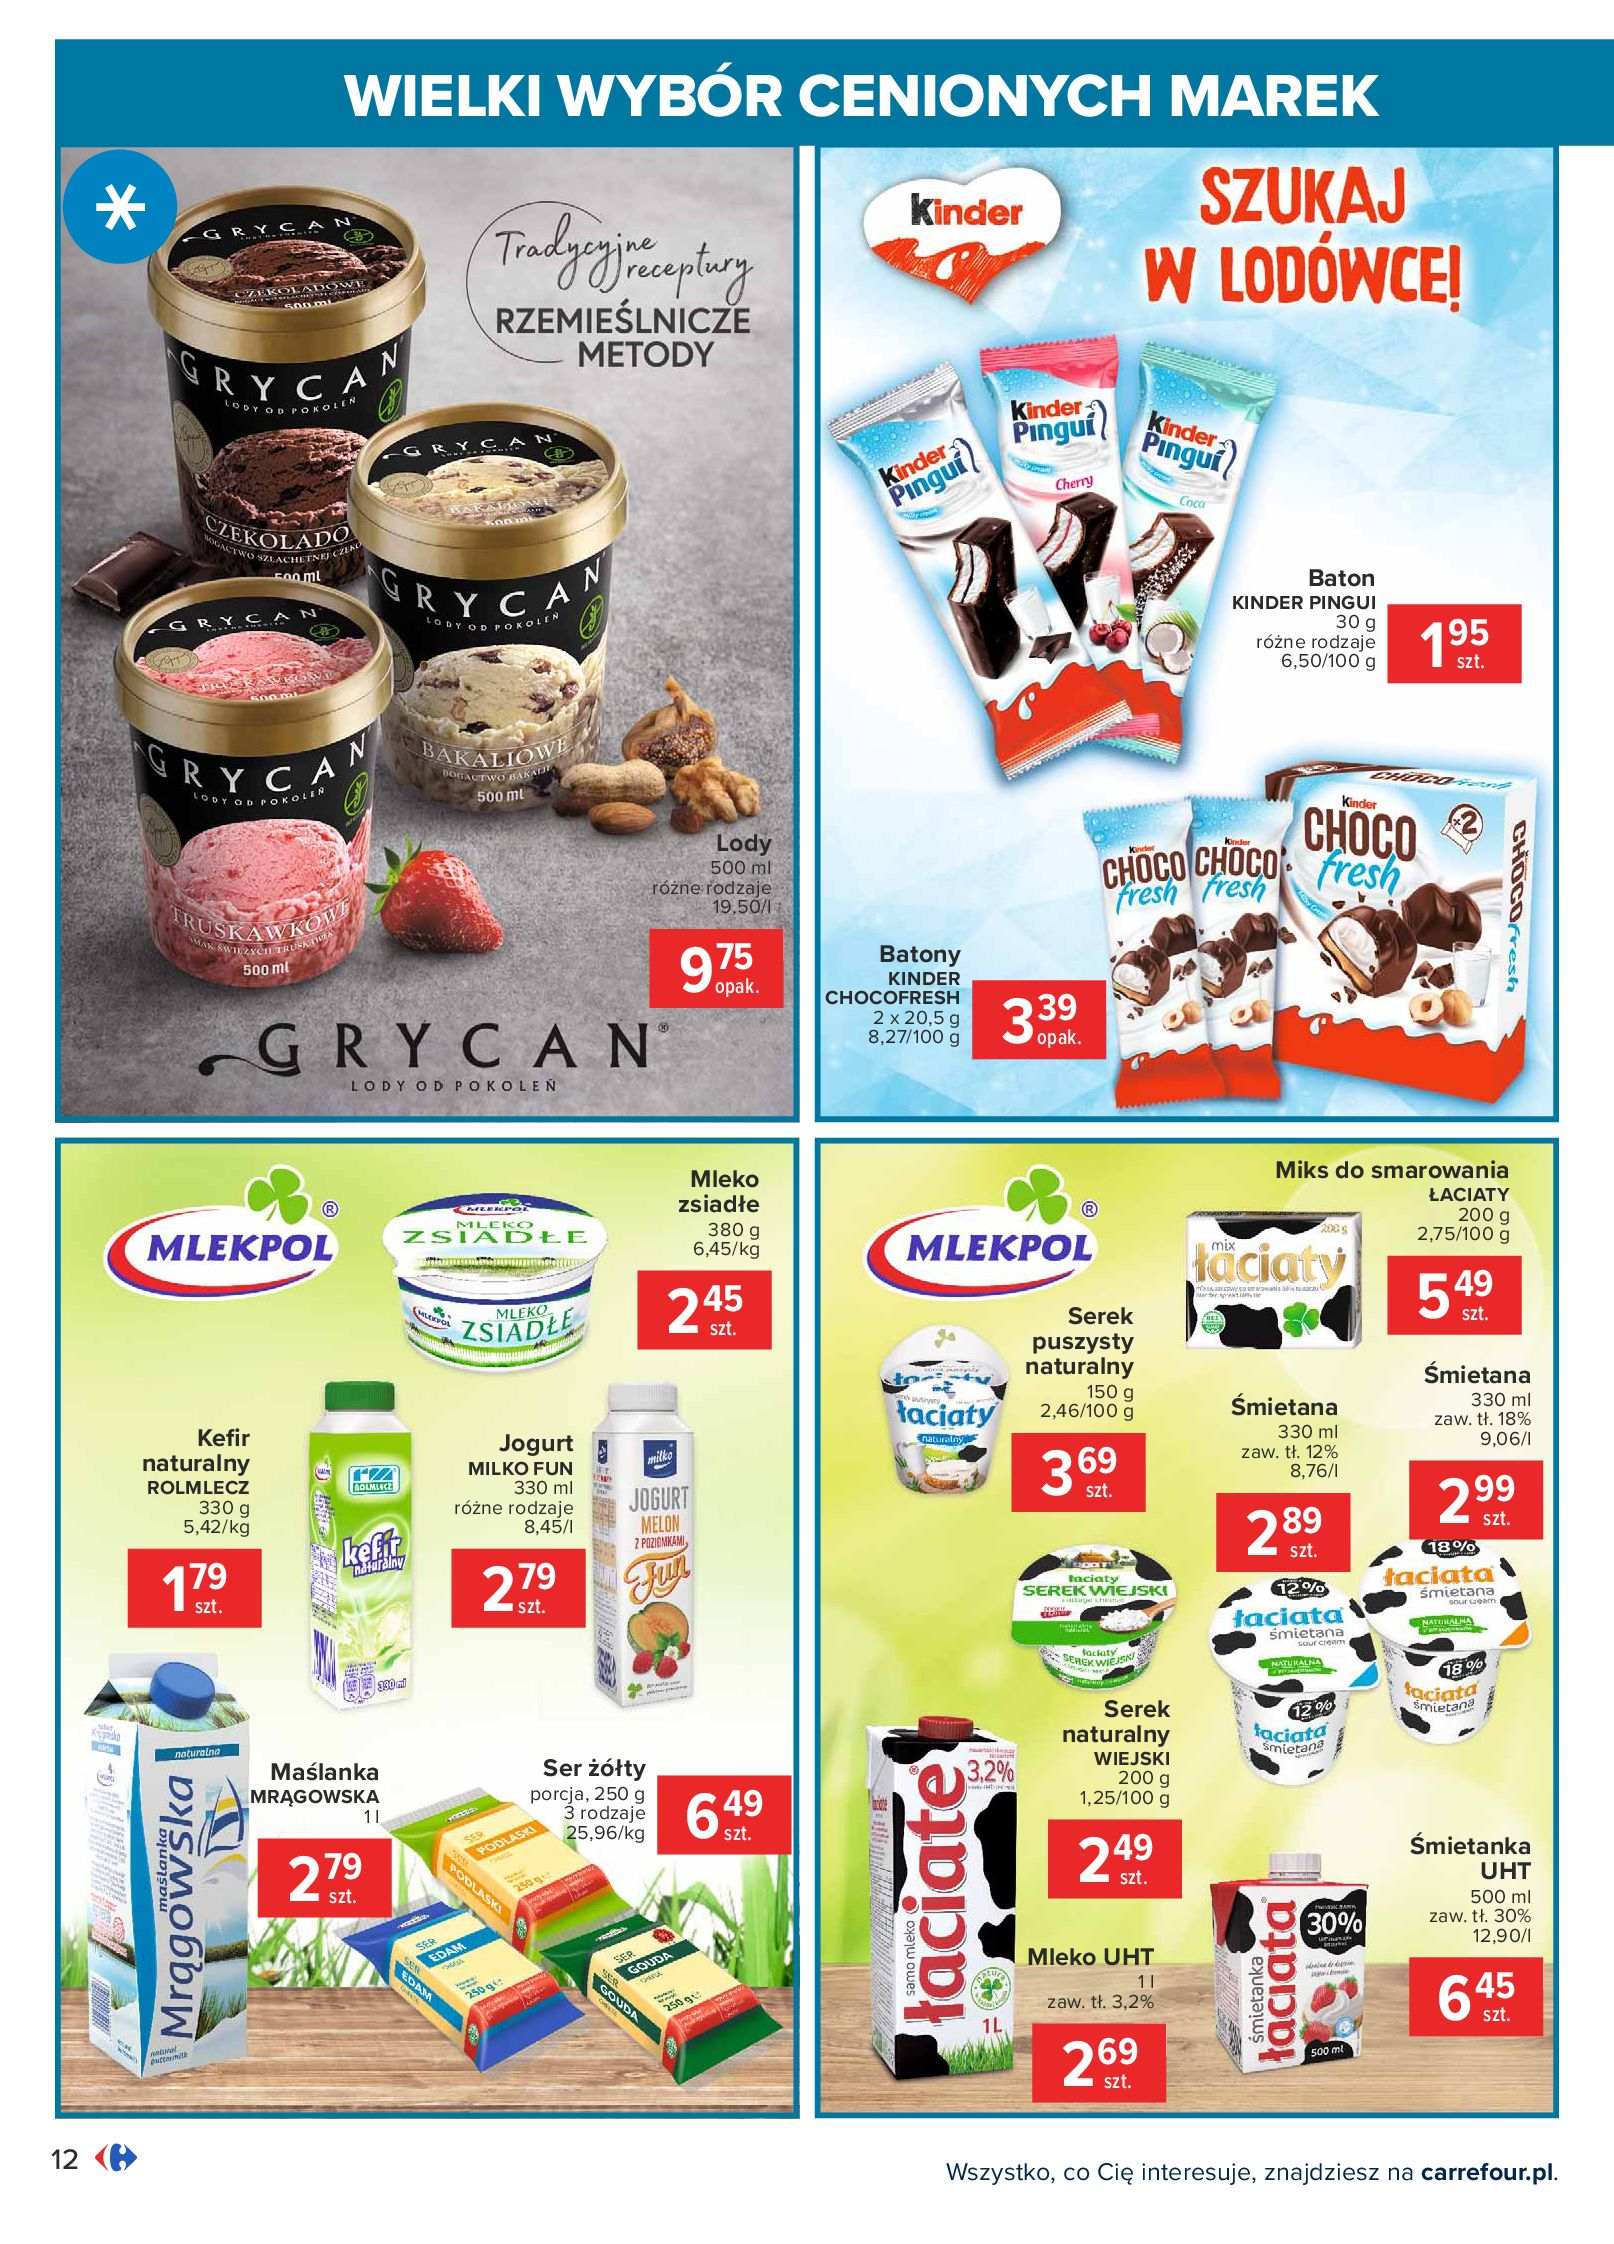 Gazetka Carrefour: Wielki wybór cenionych marek 2021-05-04 page-12